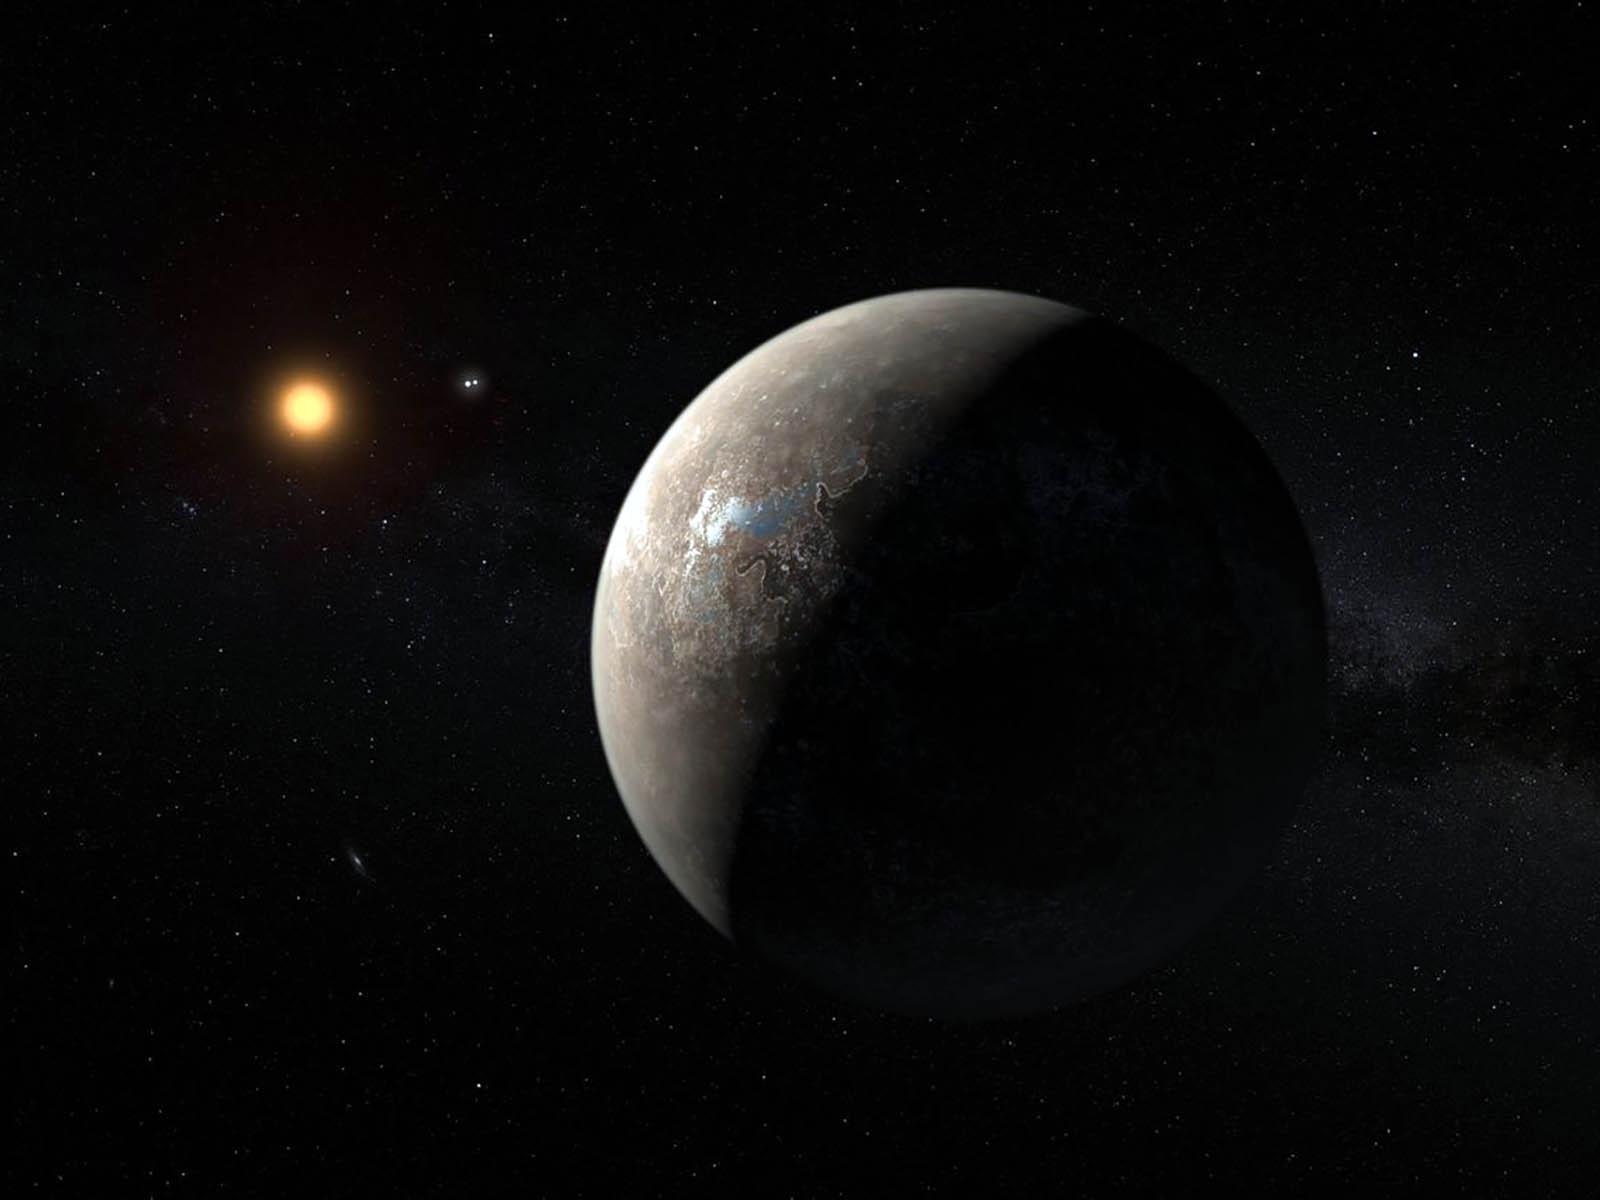 Откриха екзопланета само на 4 светлинни години от Земята